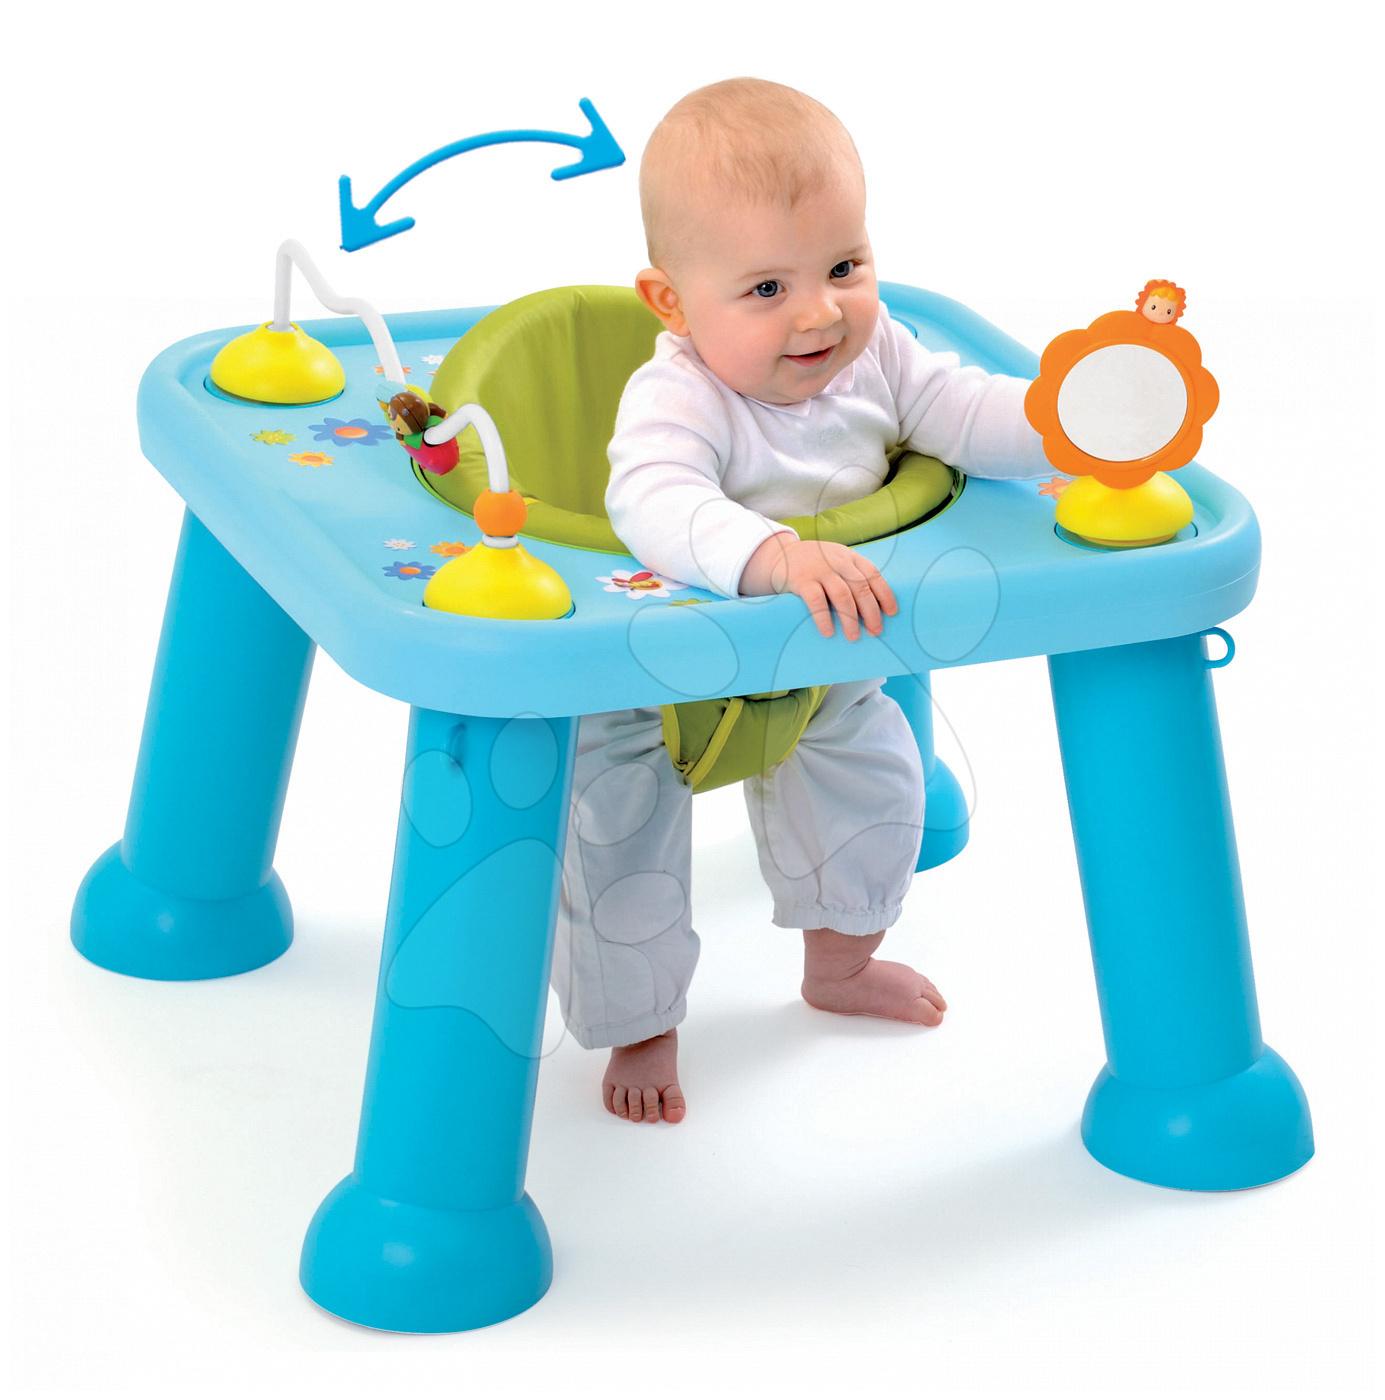 Interaktivní hudební stoly - Stolek Cotoons Youp Smoby s hračkami modrý od 6 měsíců